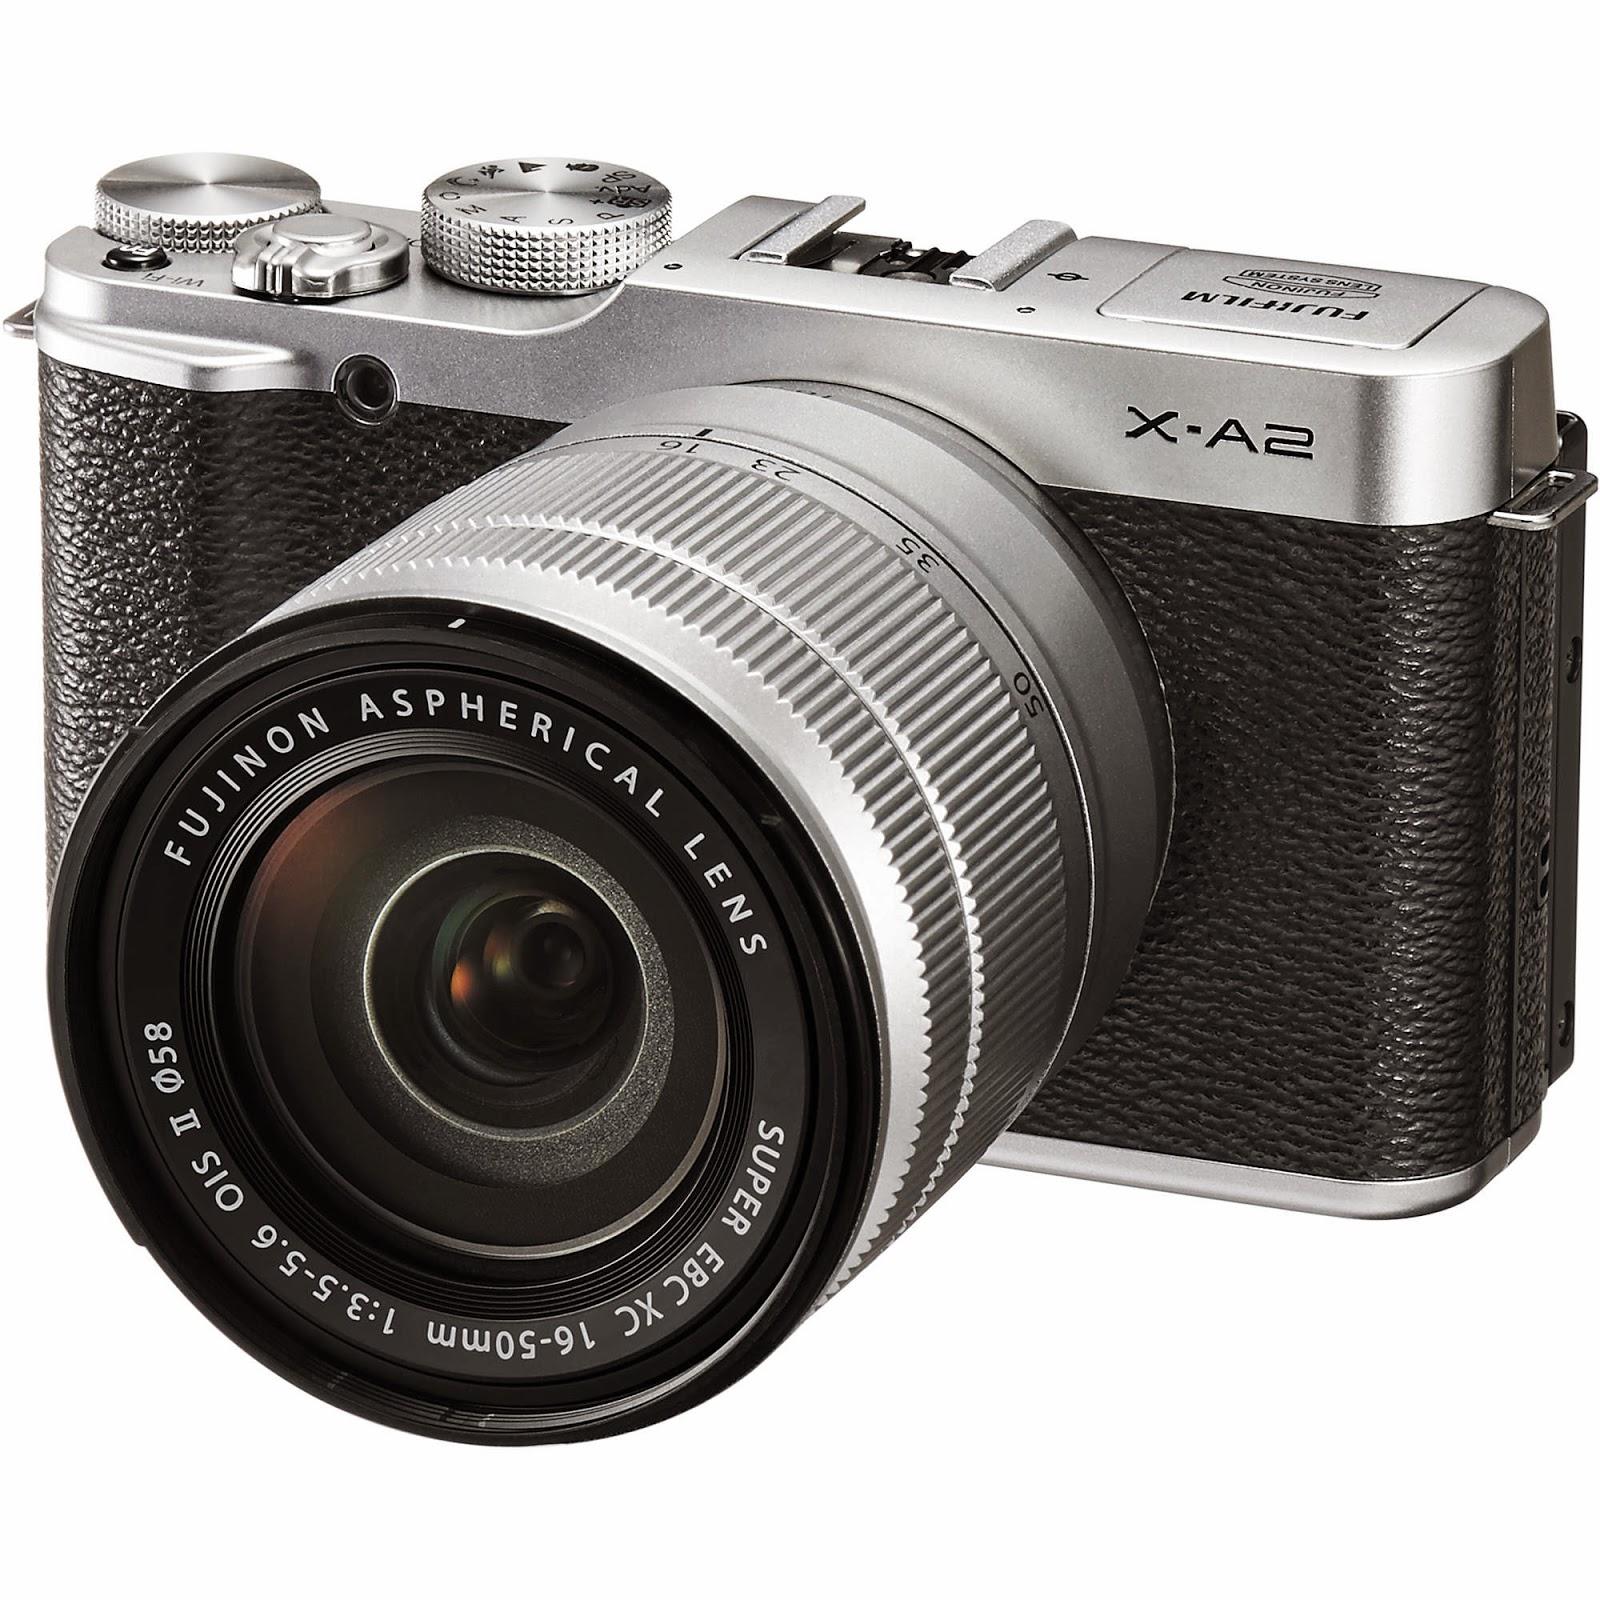 Untuk preview gambar kamera bersensor CMOS dengan standar APS C tersebut menggunakan layar LCD 3 0 inci beresolusi 920 000 Pixel yang dapat dirotasi 225